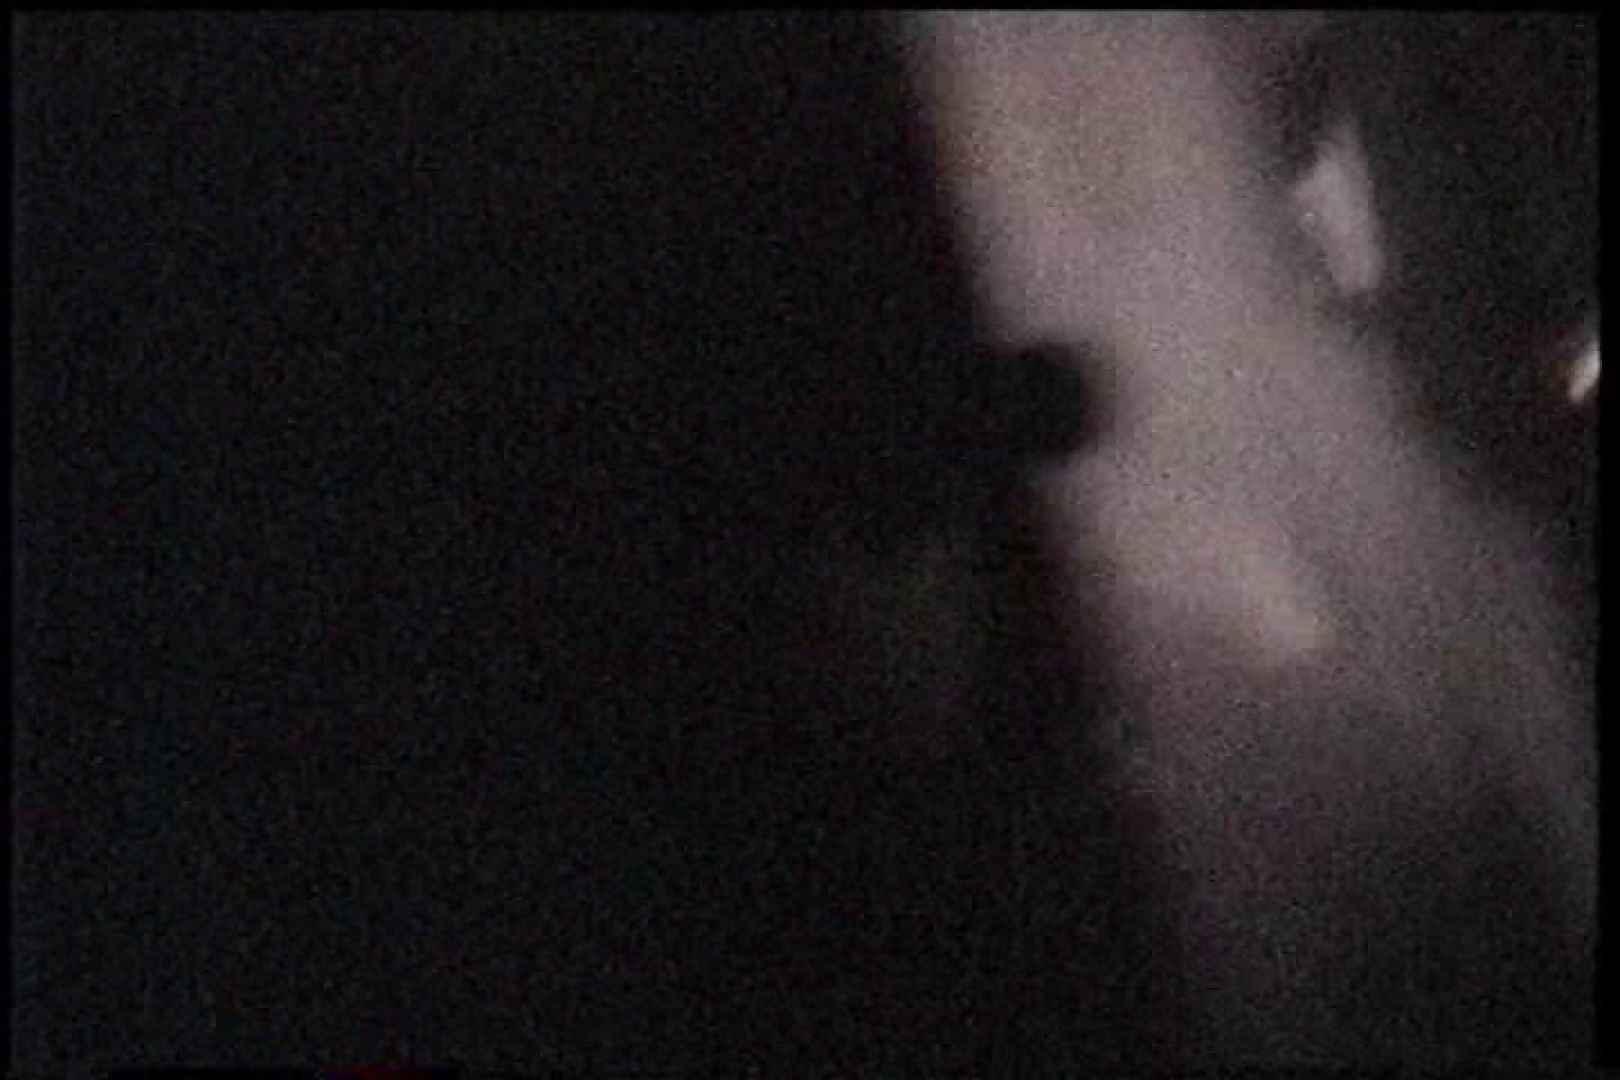 充血監督の深夜の運動会Vol.220 カップル記念日 すけべAV動画紹介 79連発 58